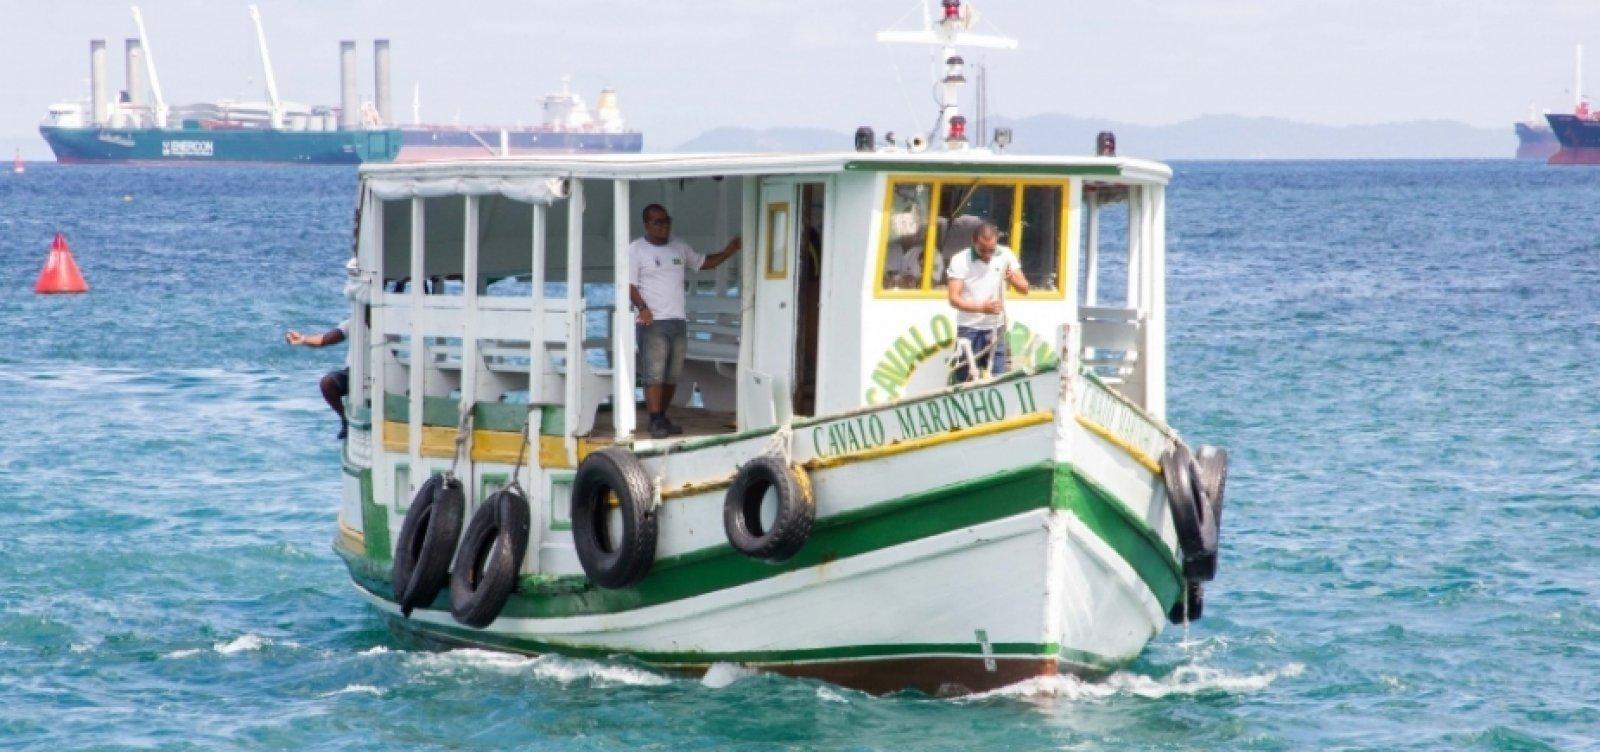 Por maré baixa, travessia Salvador - Mar Grande encerra mais cedo neste domingo